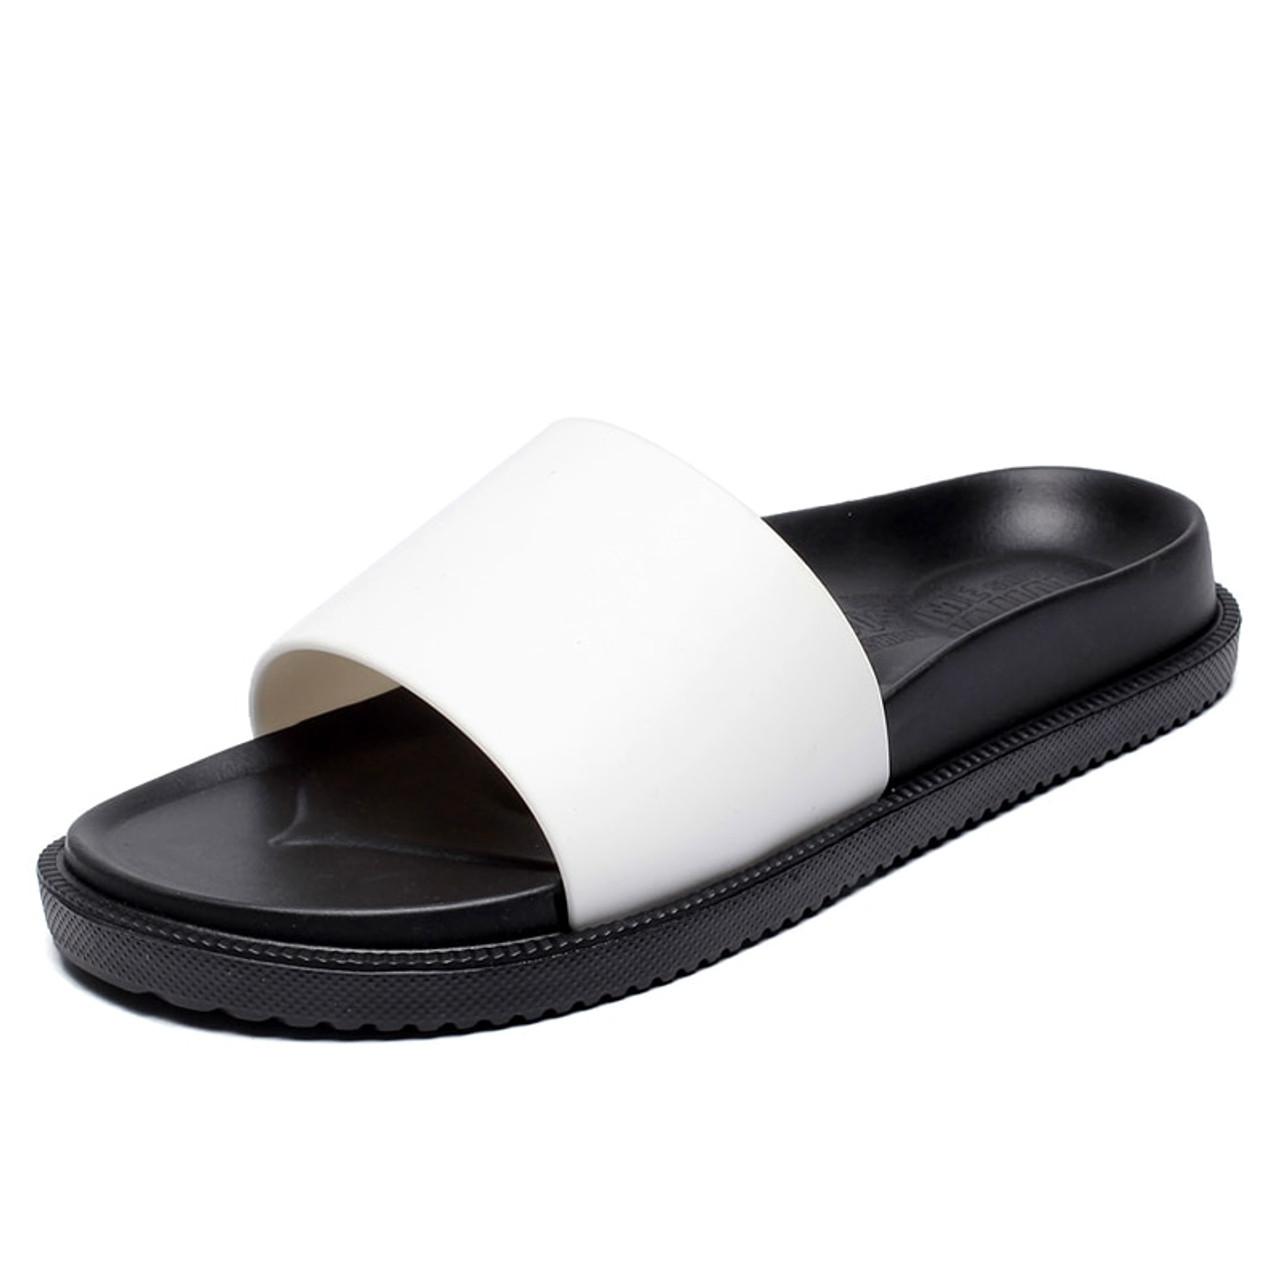 Top Soft Summer Sports Beach Shower Sandals Home Bath Slippers Women Men Shoes #